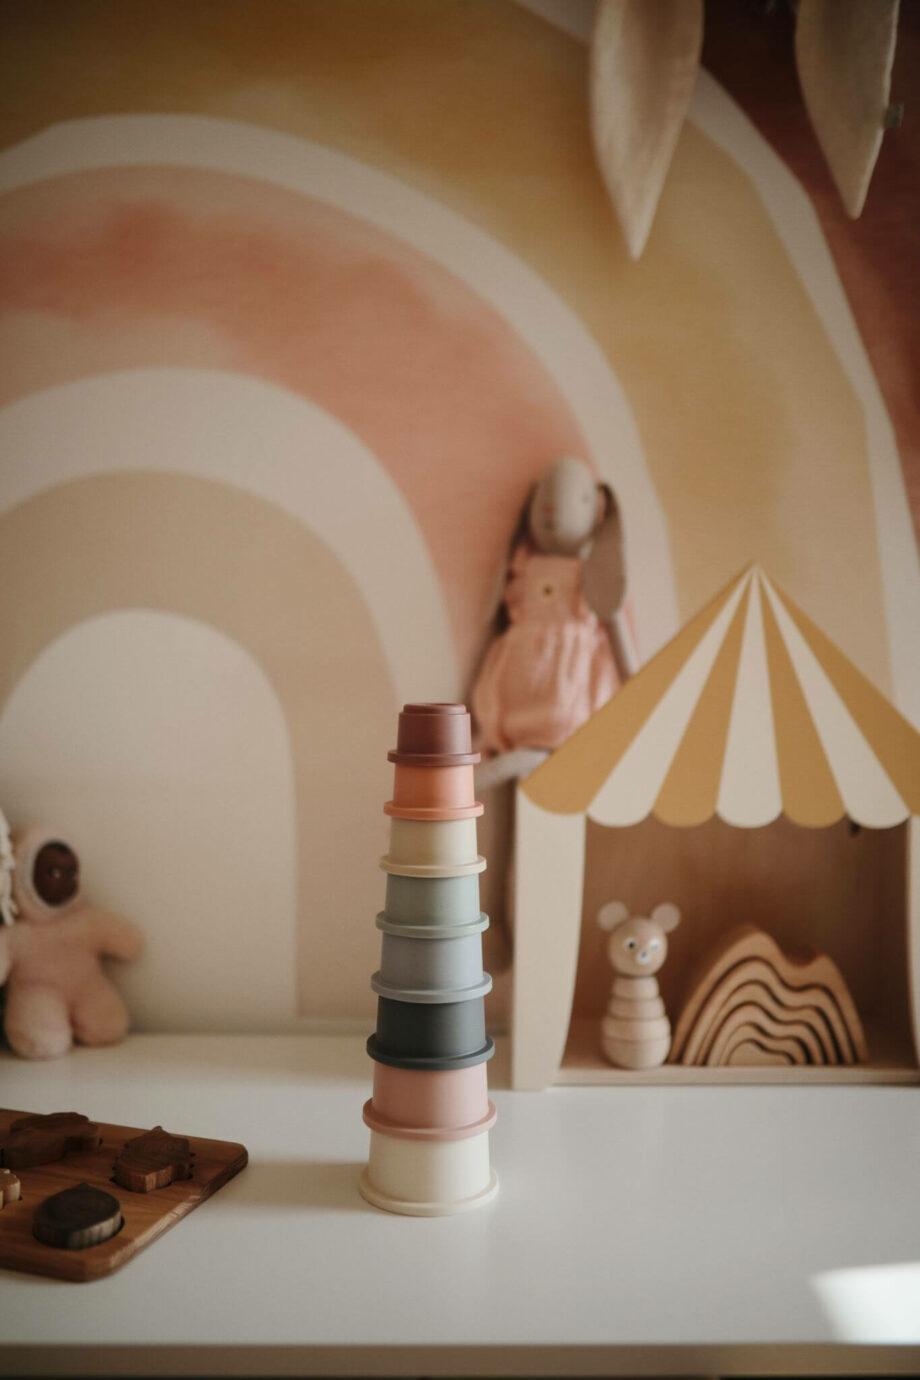 Stapeltoren original - Mushie - Rima Baby